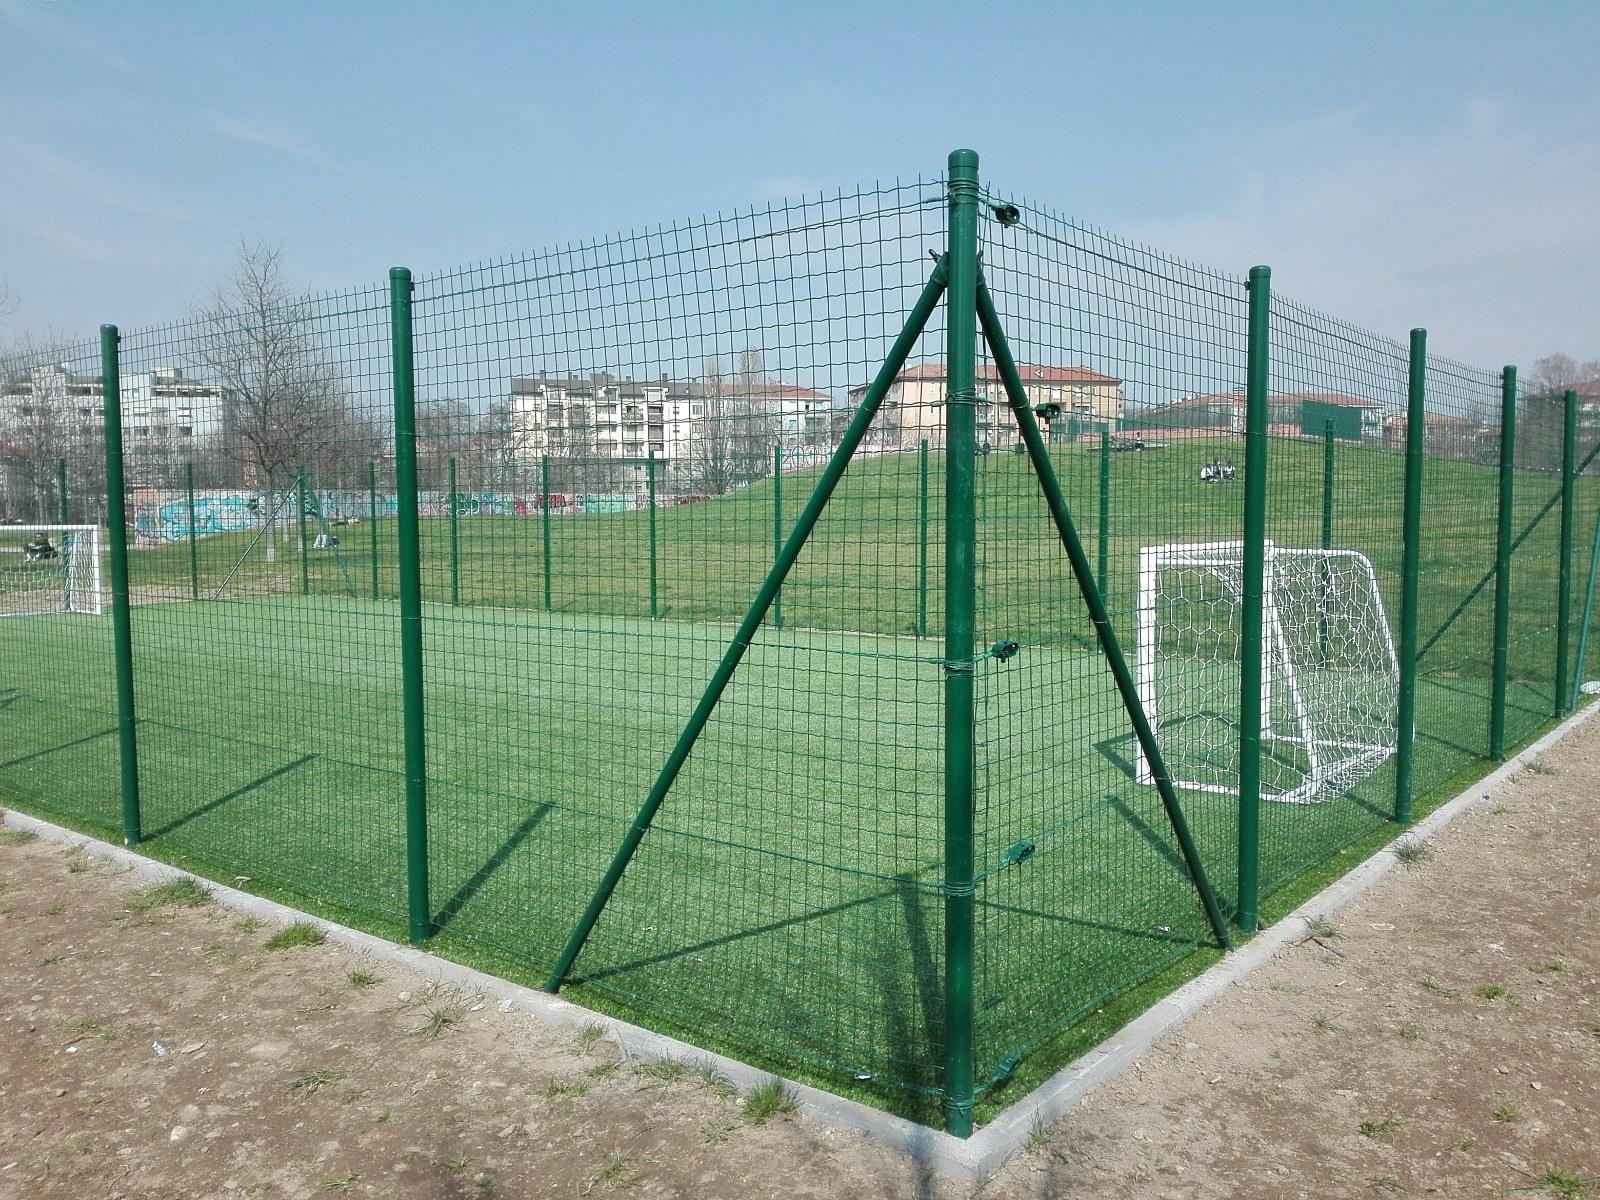 Immagini Di Calcio Per Bambini : Milano tre nuovi campi di calcio per bambini radio lombardia